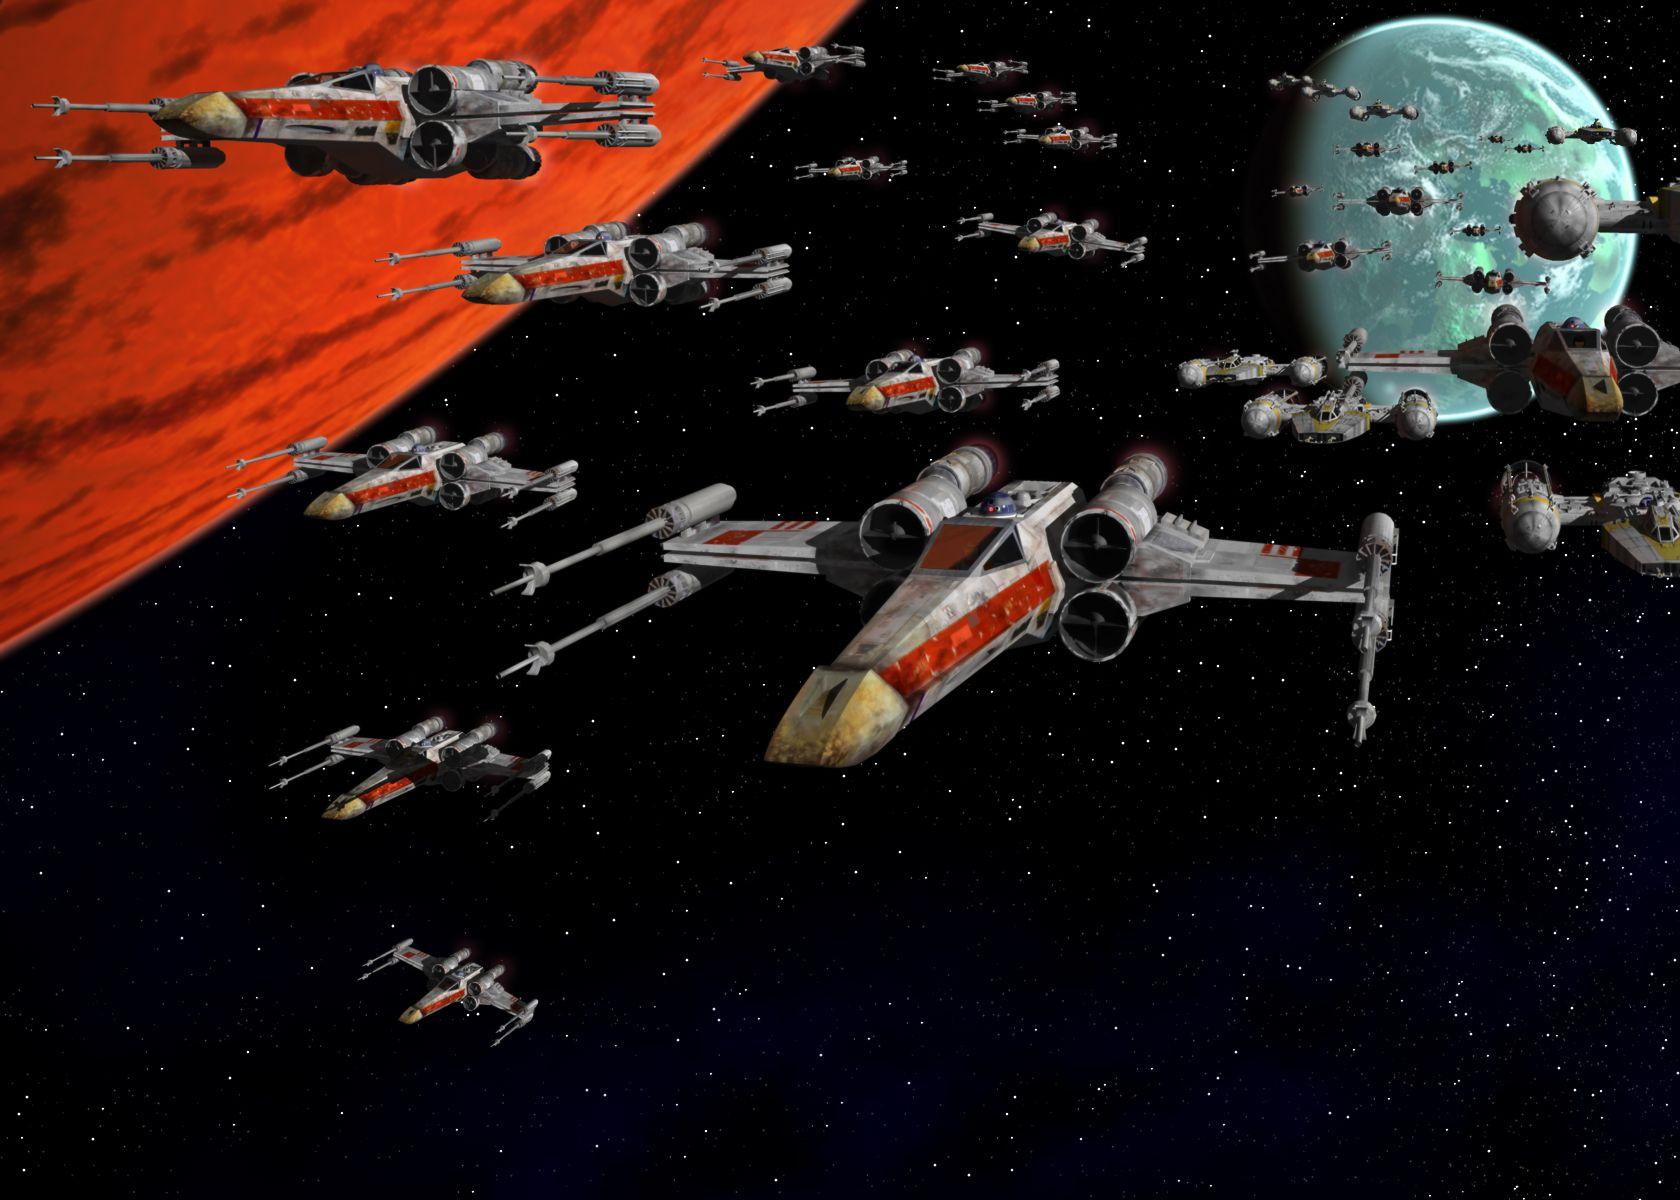 Download 0x0 Movie Star Wars Wallpaper Background Id 29186 Star Wars Background Star Wars Wallpaper Star Wars Spaceships